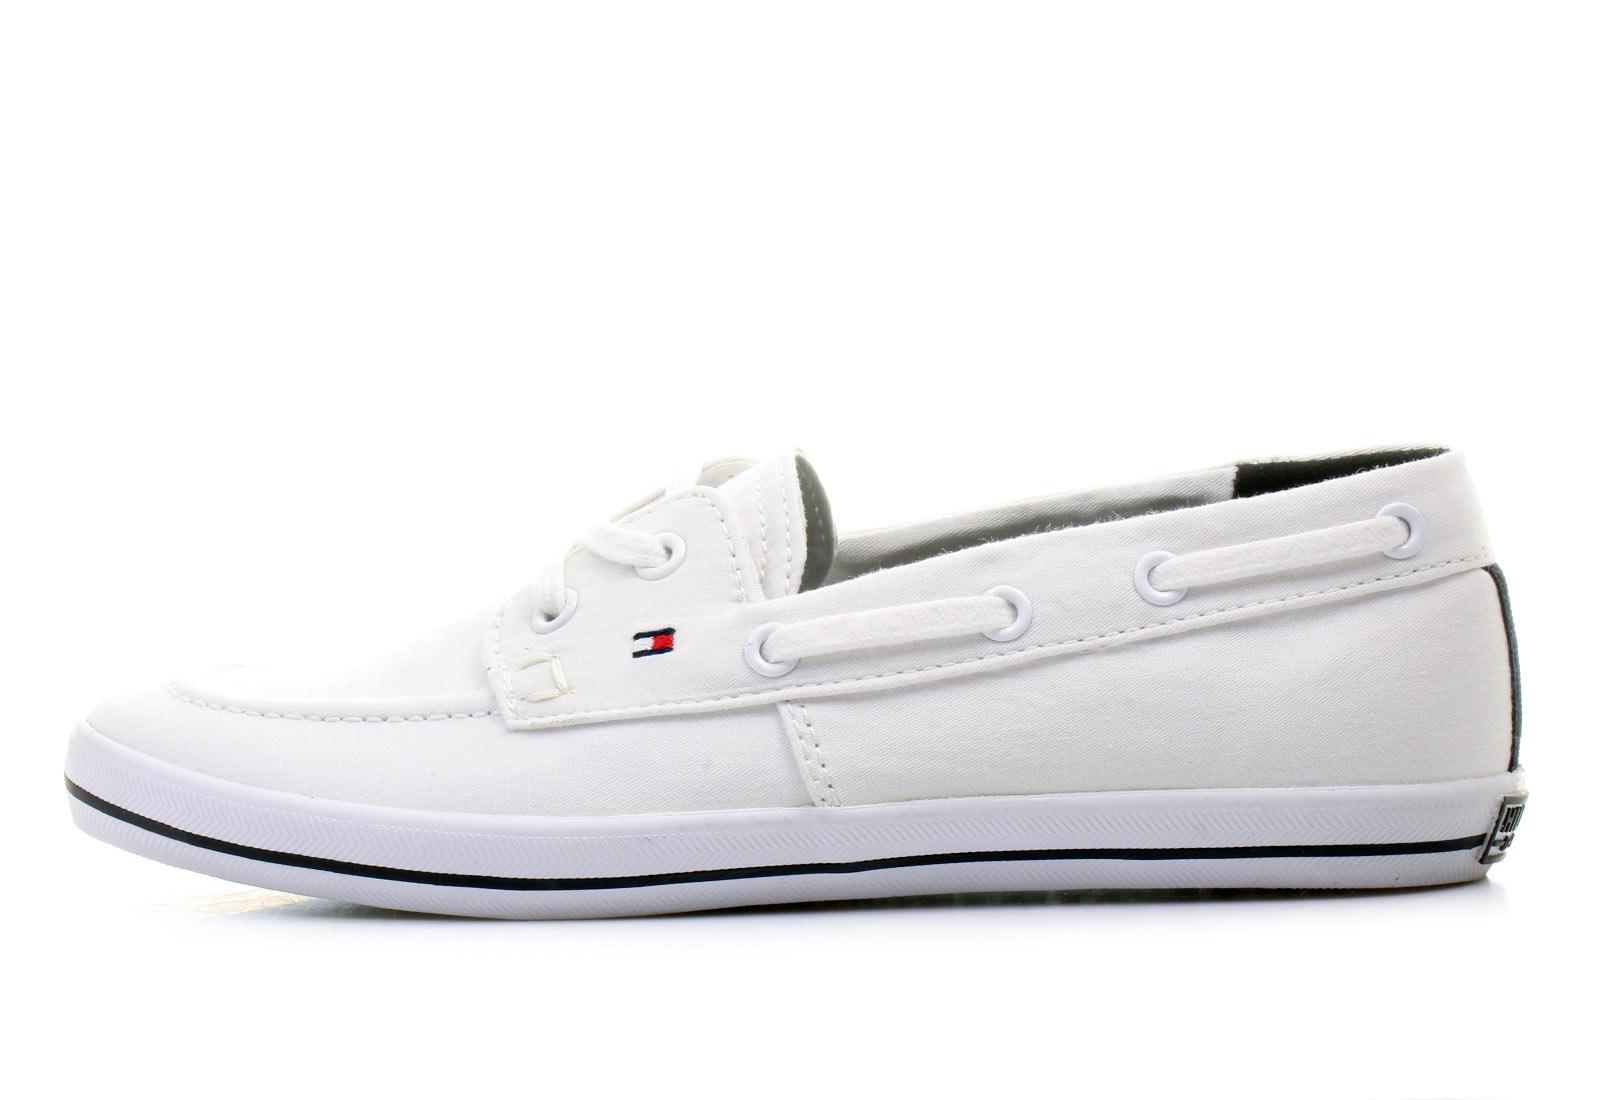 tommy hilfiger shoes victoria 11d 15s 9049 100 online shop for. Black Bedroom Furniture Sets. Home Design Ideas